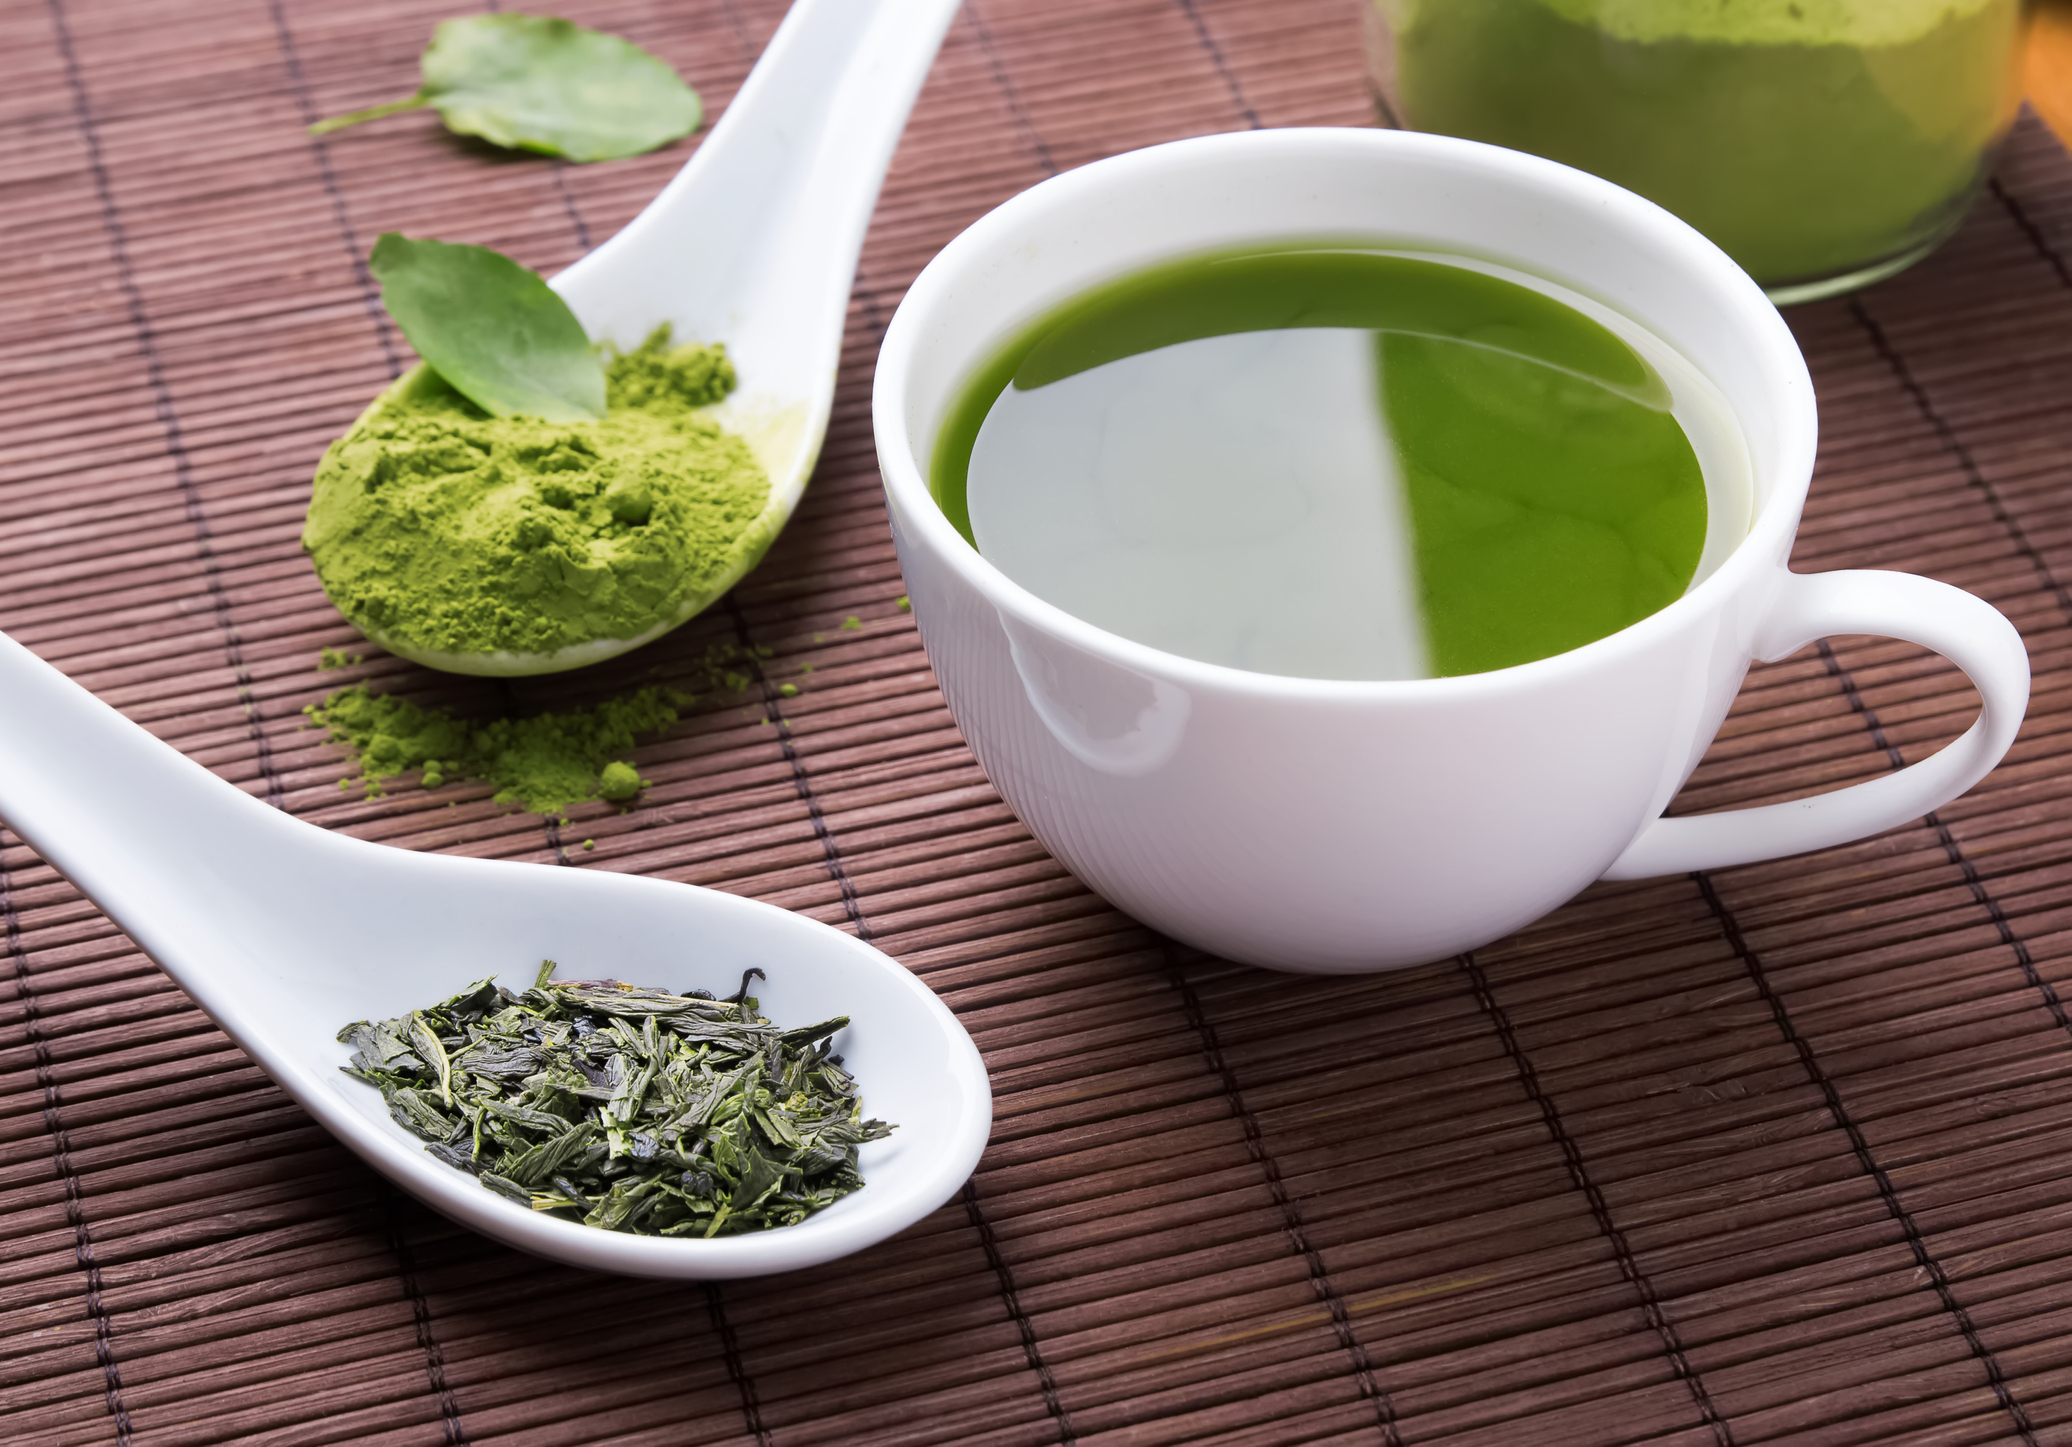 Te verde como se prepara para bajar de peso